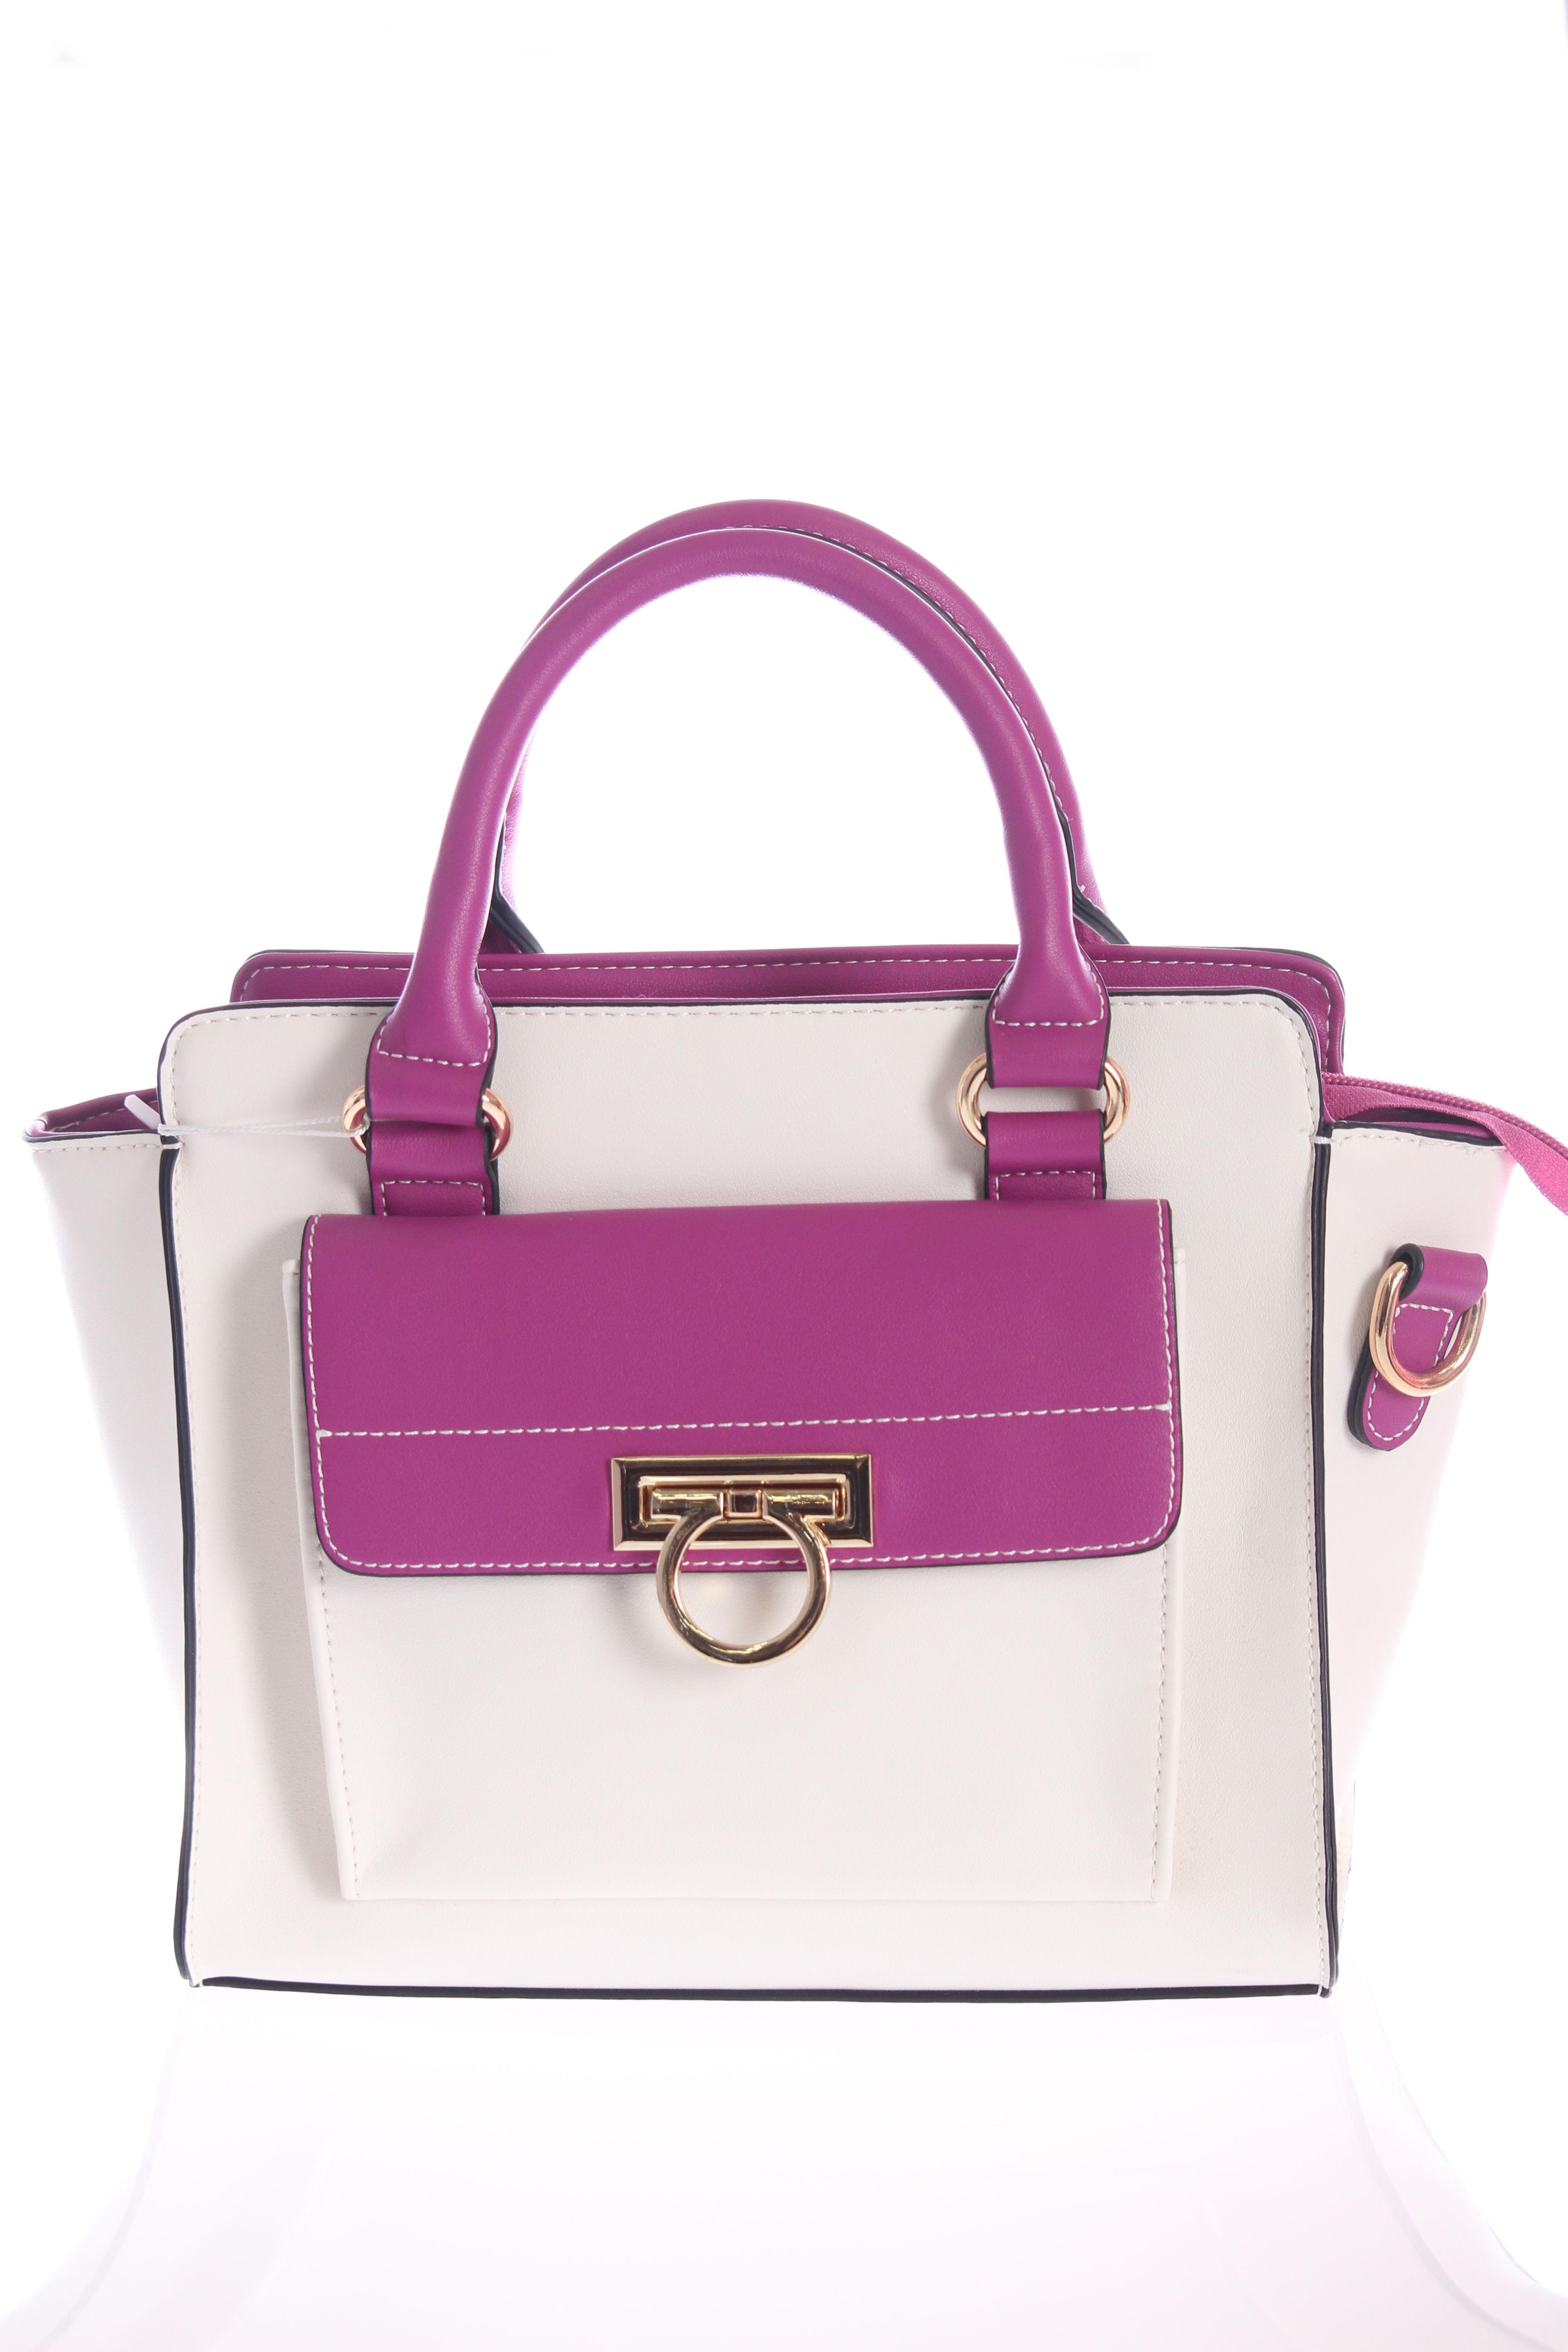 ピンク×白2wayショルダーバッグ